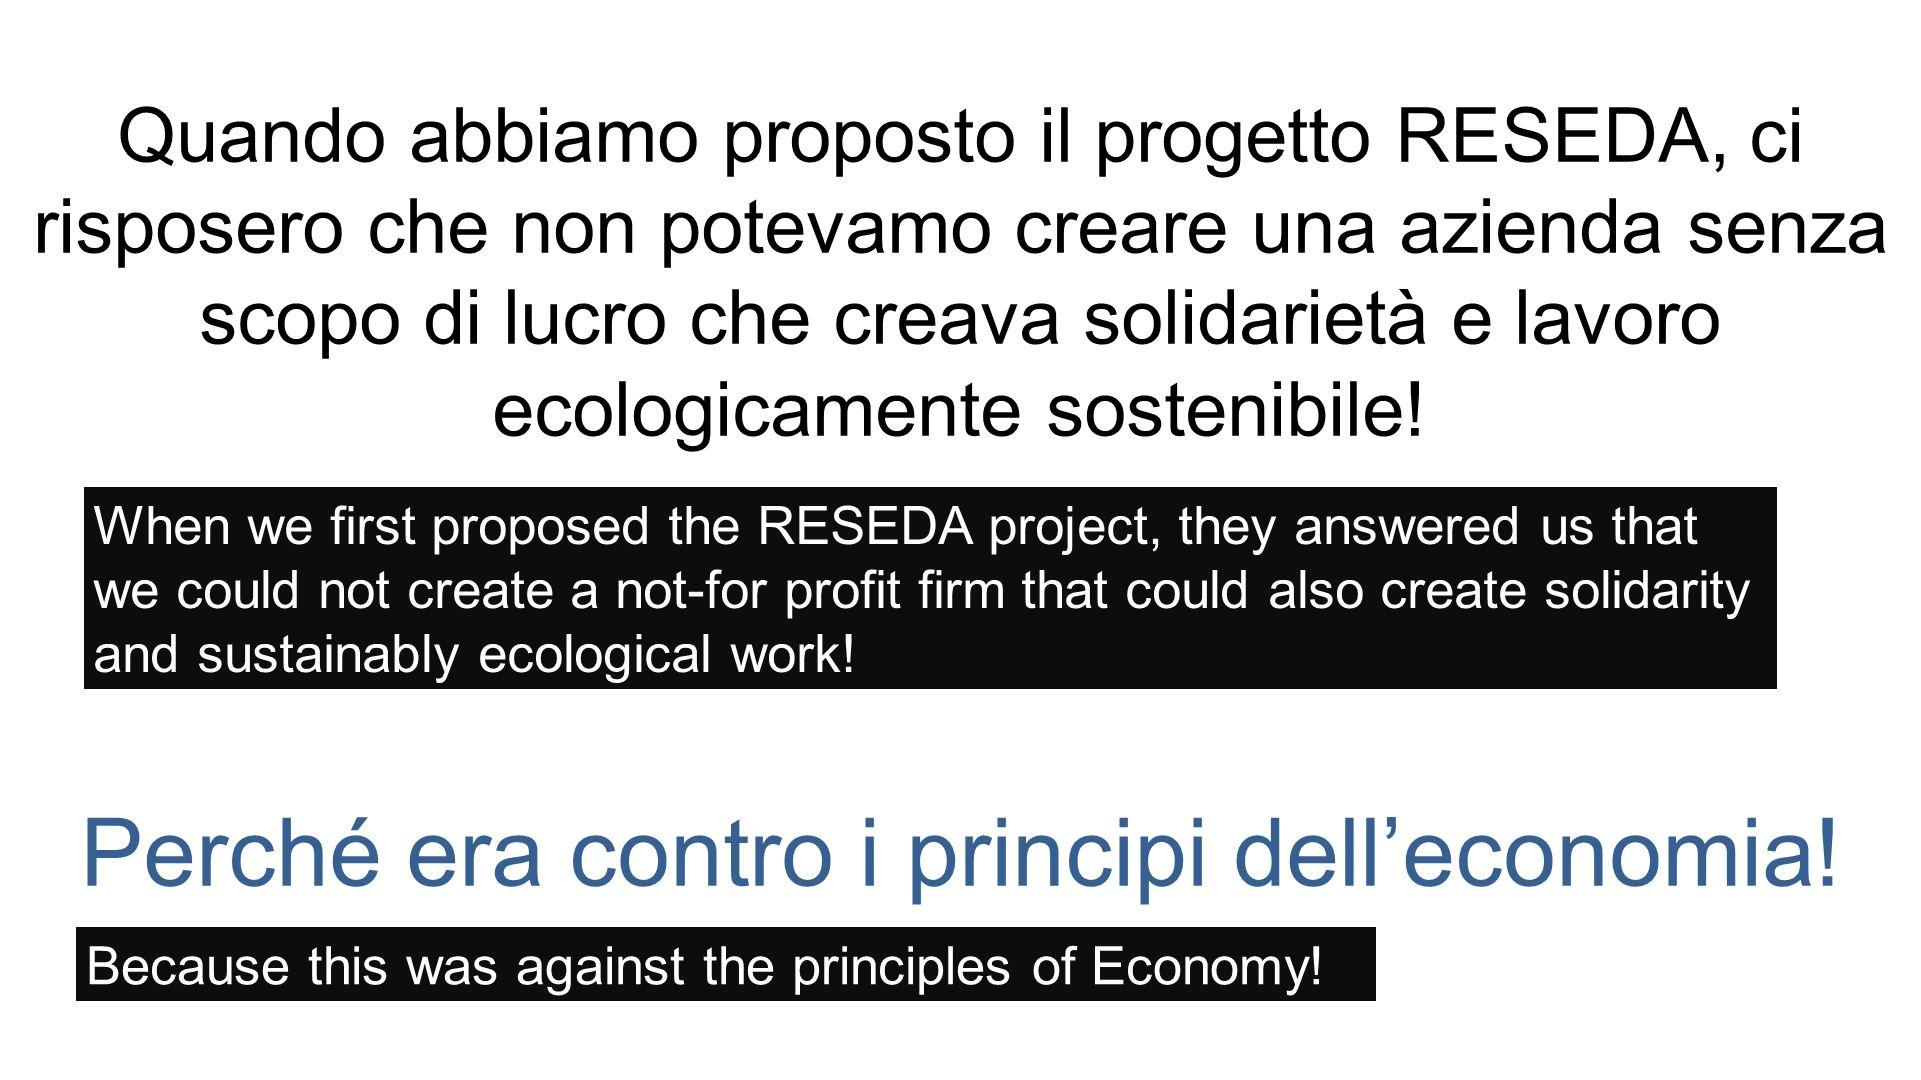 Quando abbiamo proposto il progetto RESEDA, ci risposero che non potevamo creare una azienda senza scopo di lucro che creava solidarietà e lavoro ecol